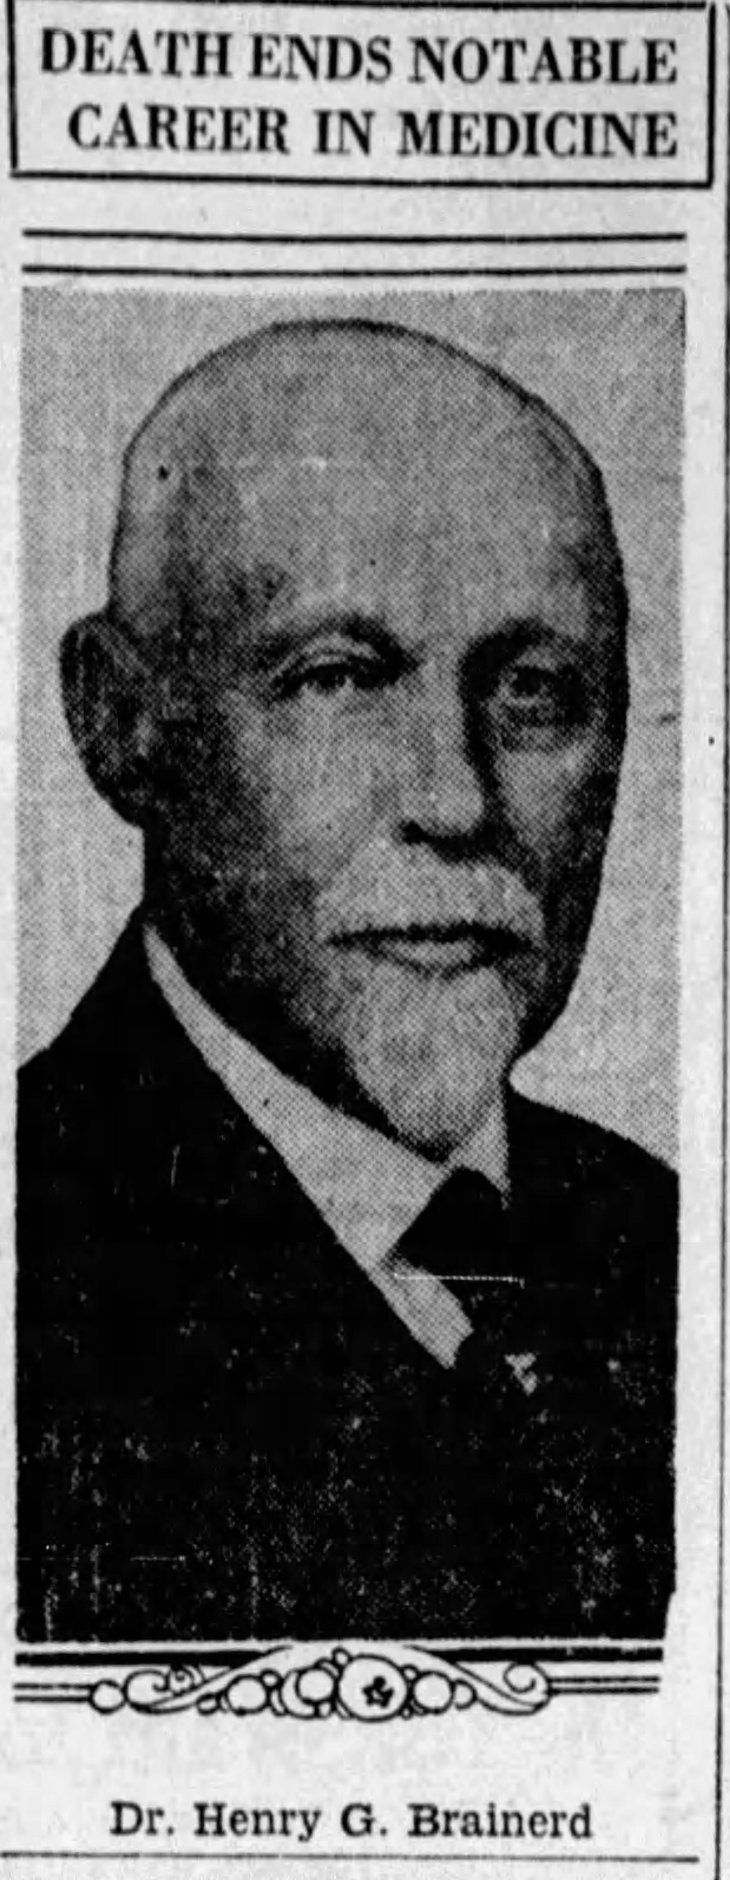 Obit photo The_Los_Angeles_Times_Mon__Jul_23__1928_ (1)